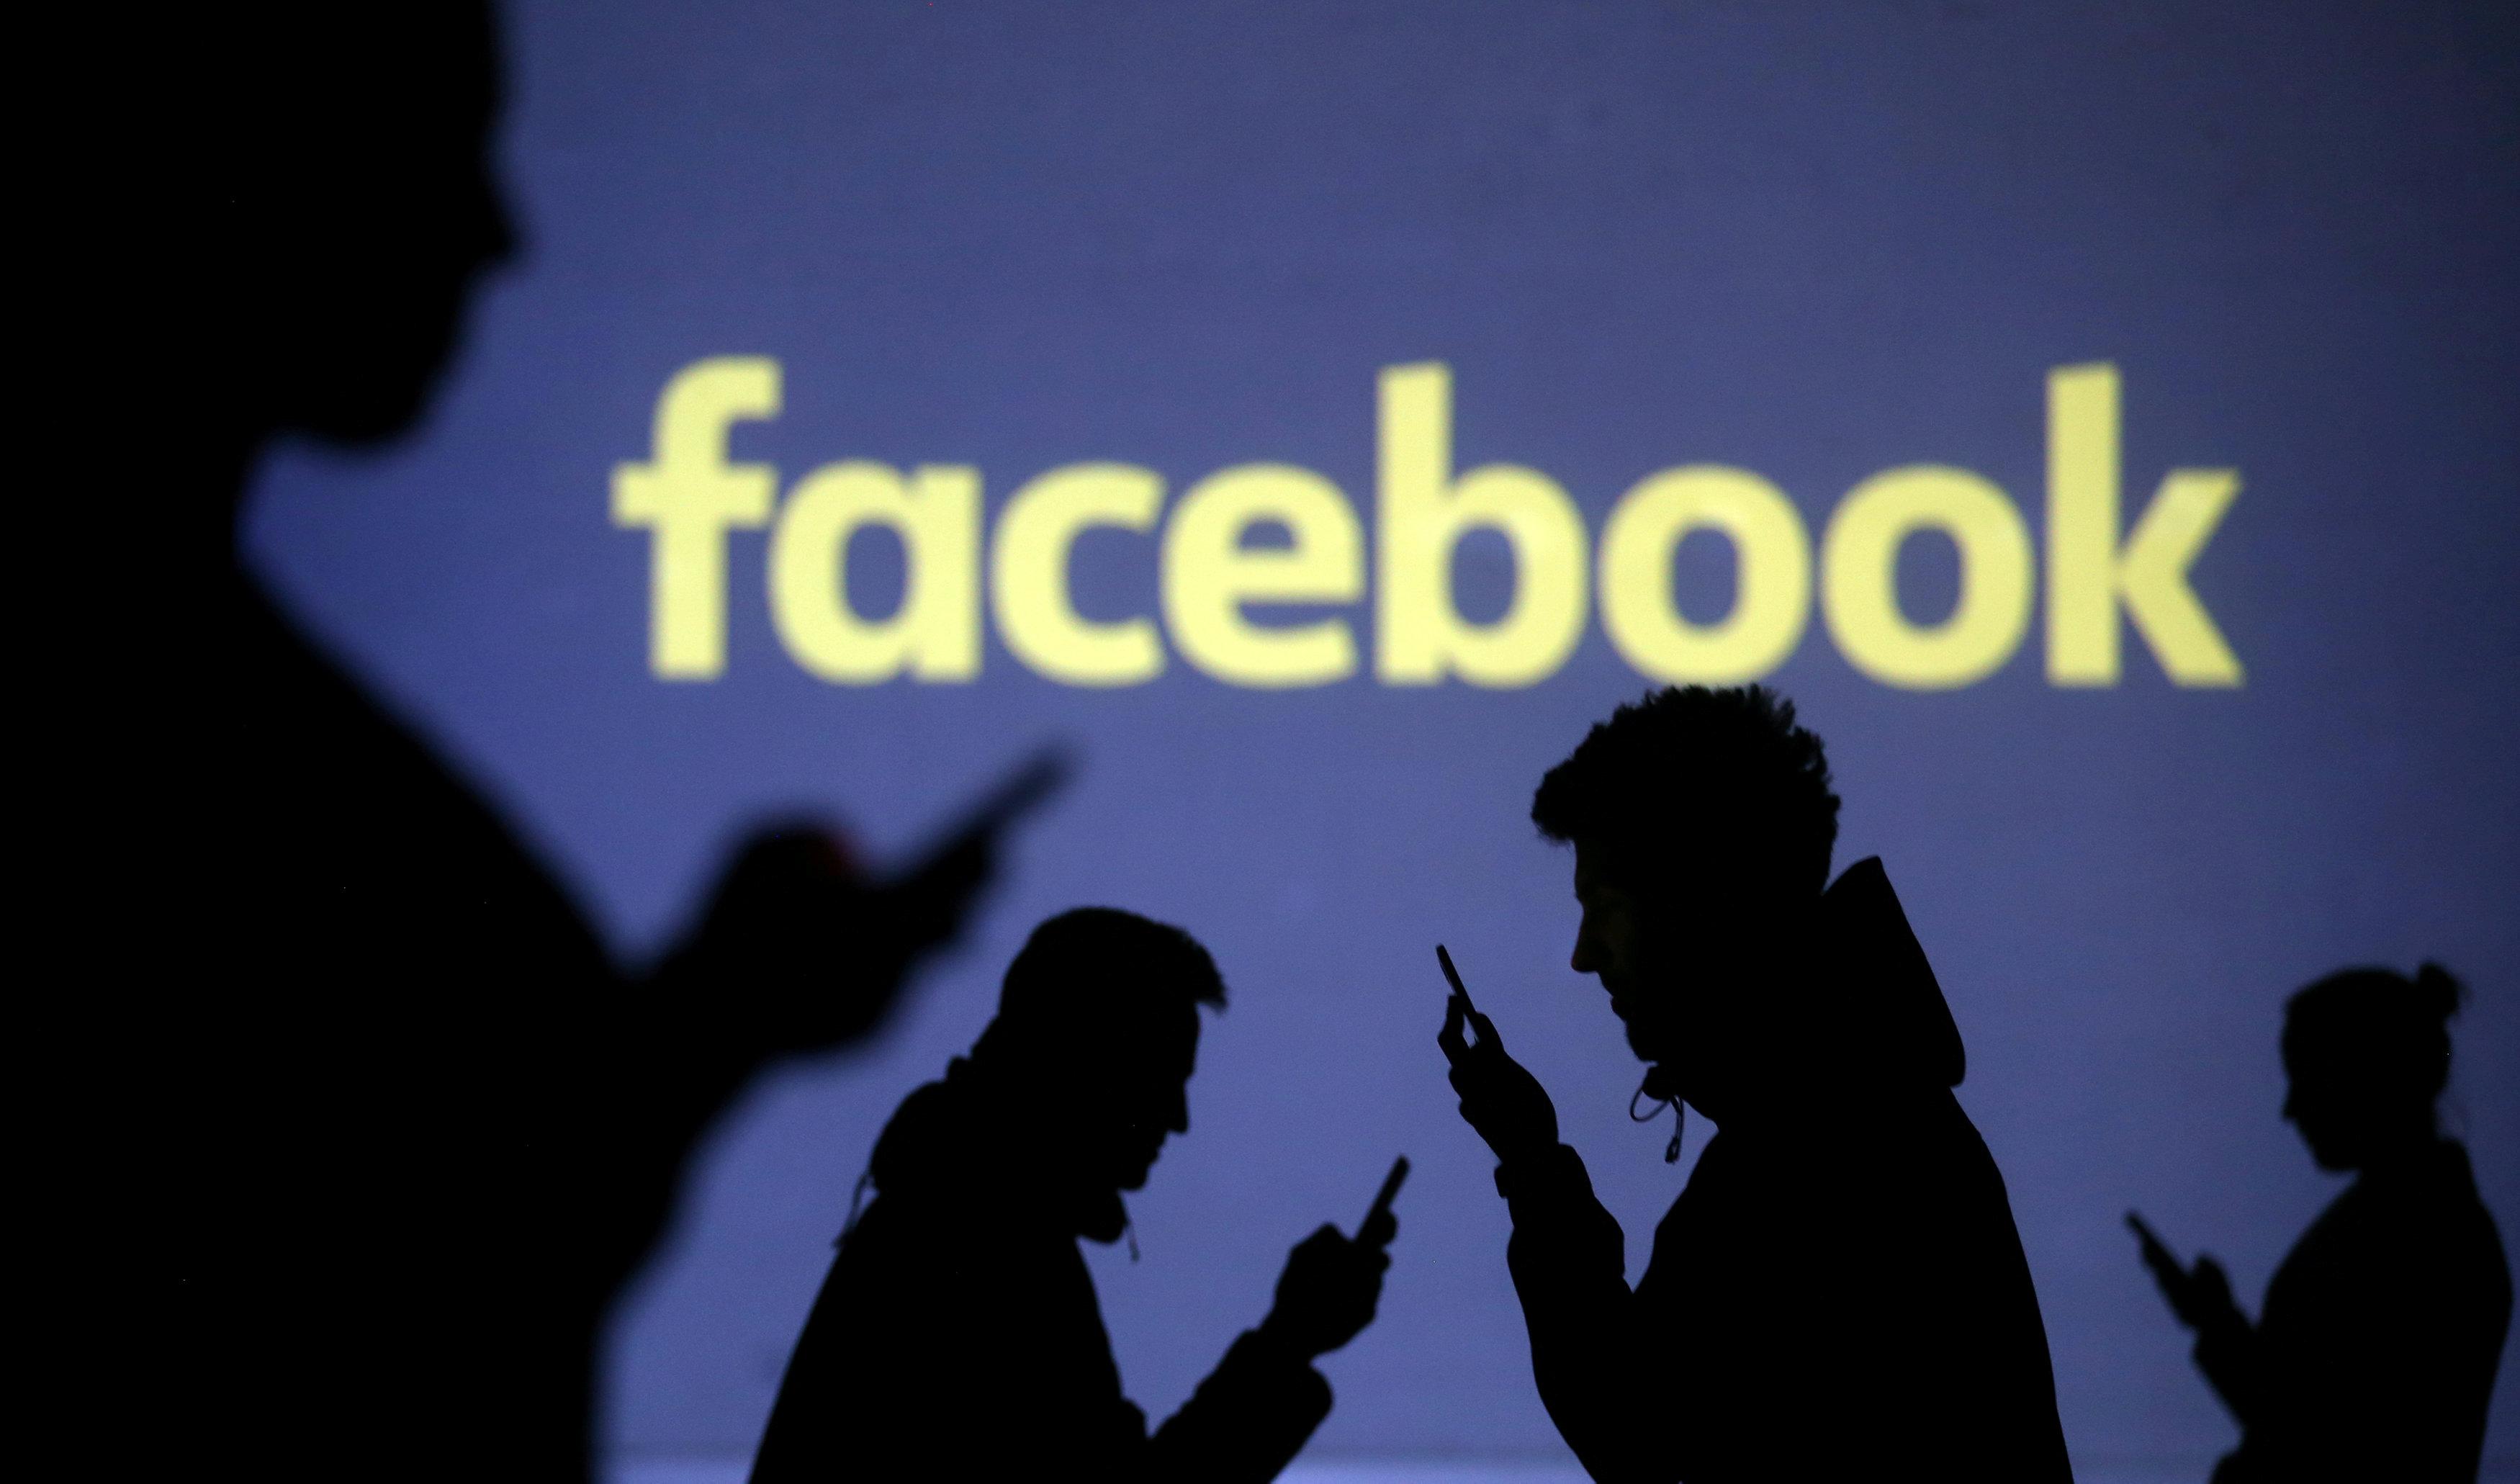 Los usuariosno verán mucha de la información importante queFacebook almacena. (Ilustración: Dado Ruvic/Reuters)